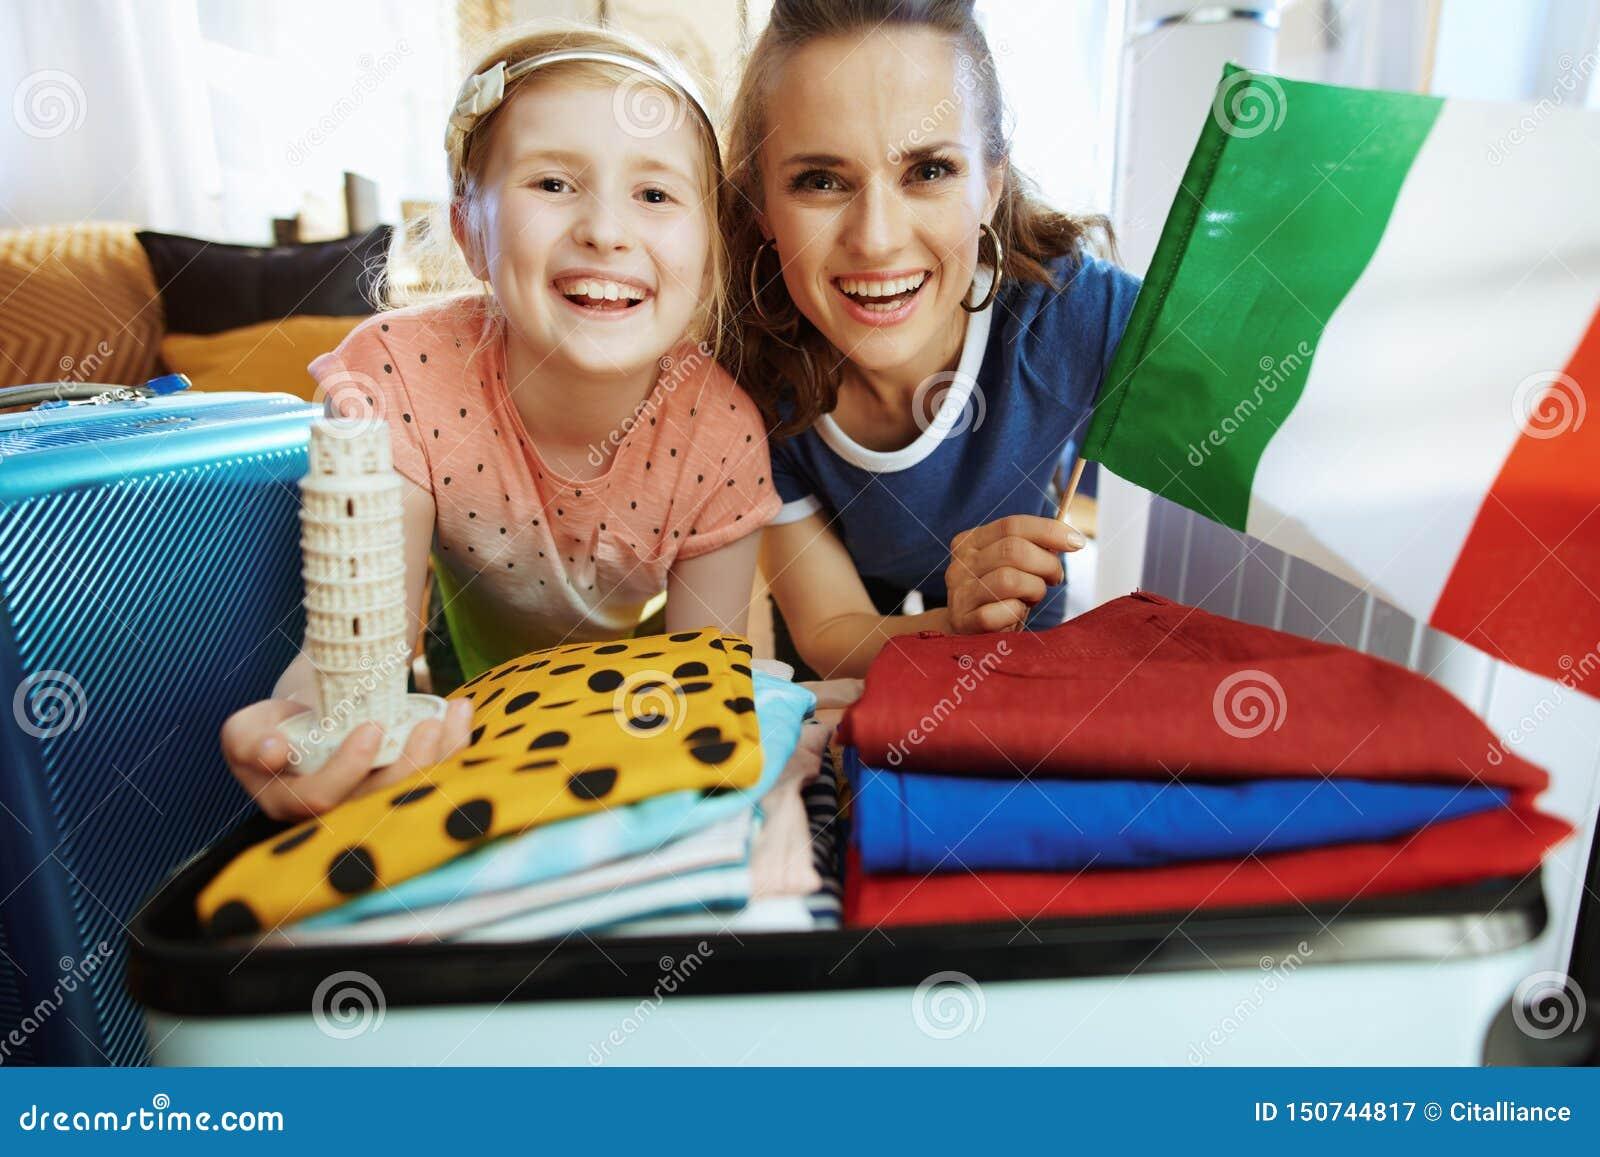 Recuerdo de la bandera italiana de la mamá y de la hija y de la torre inclinada